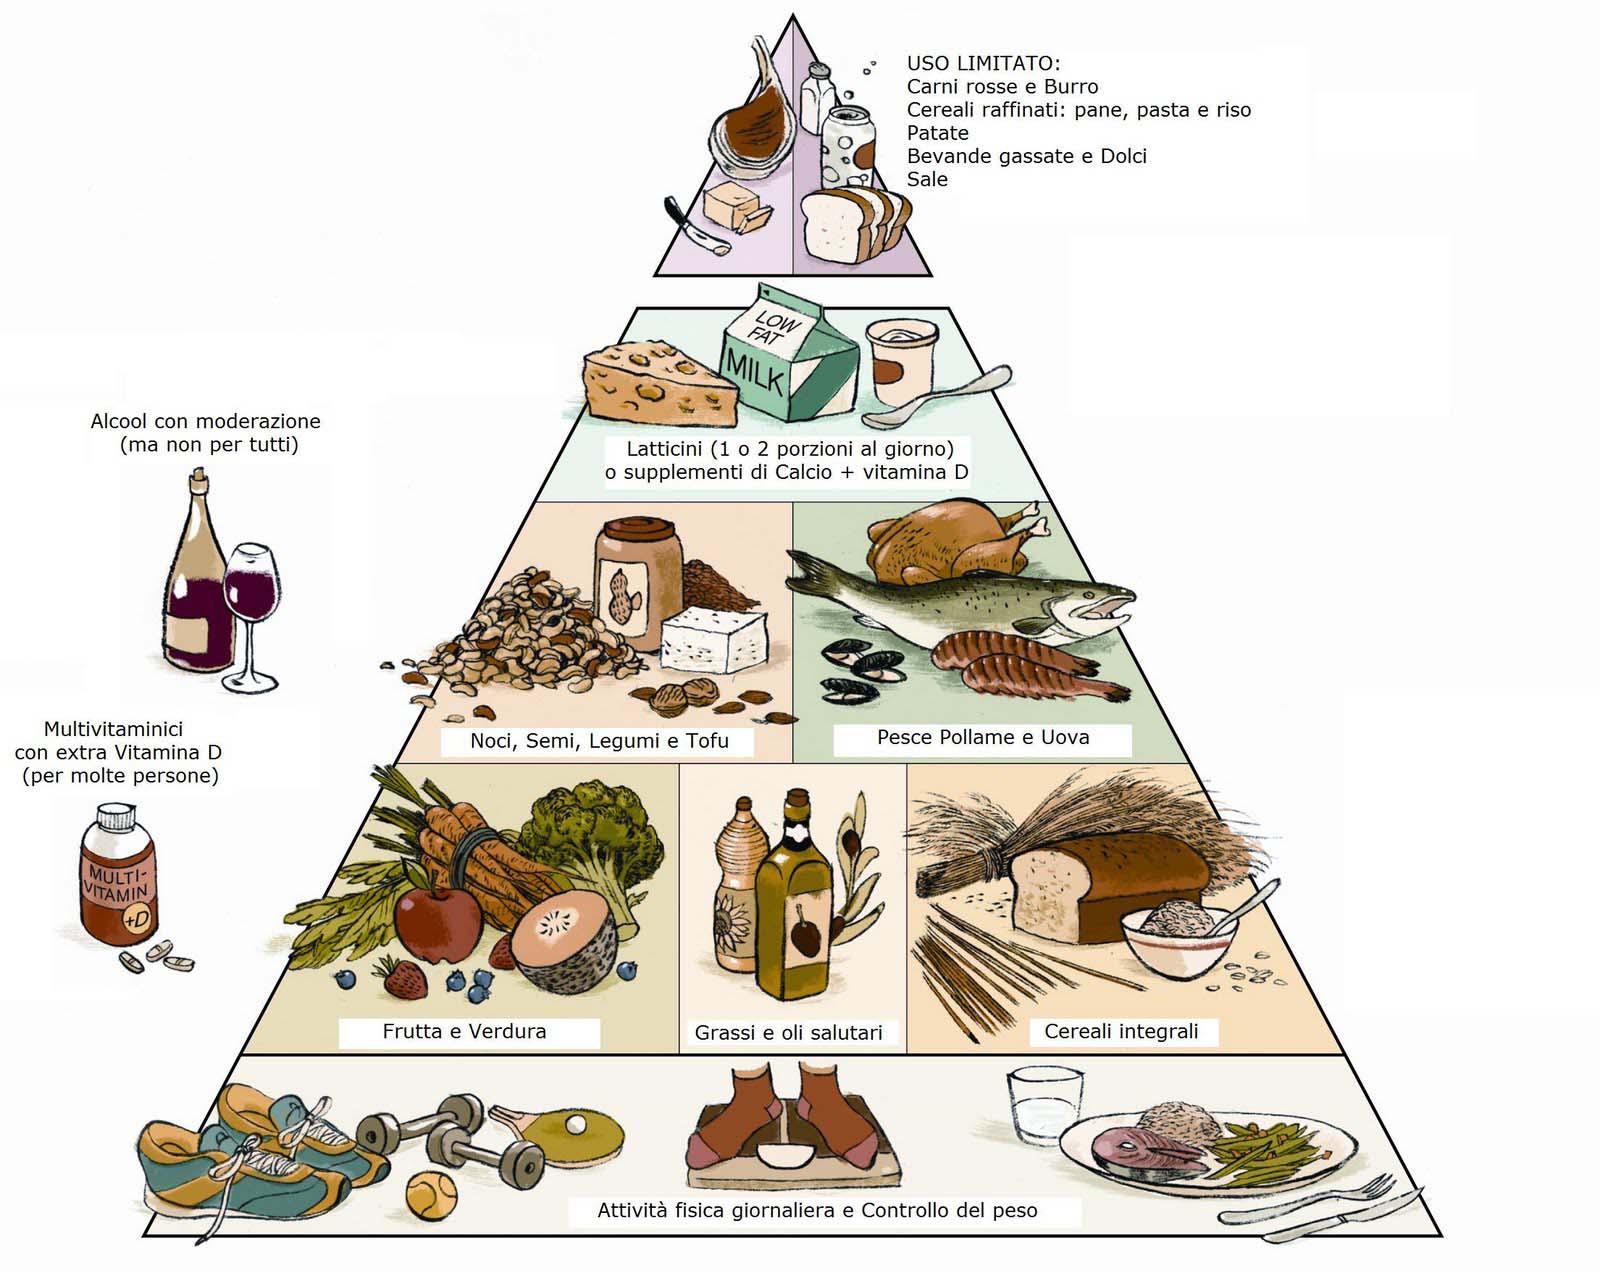 Примерное меню диетического питания при сахарном диабете на неделю 2